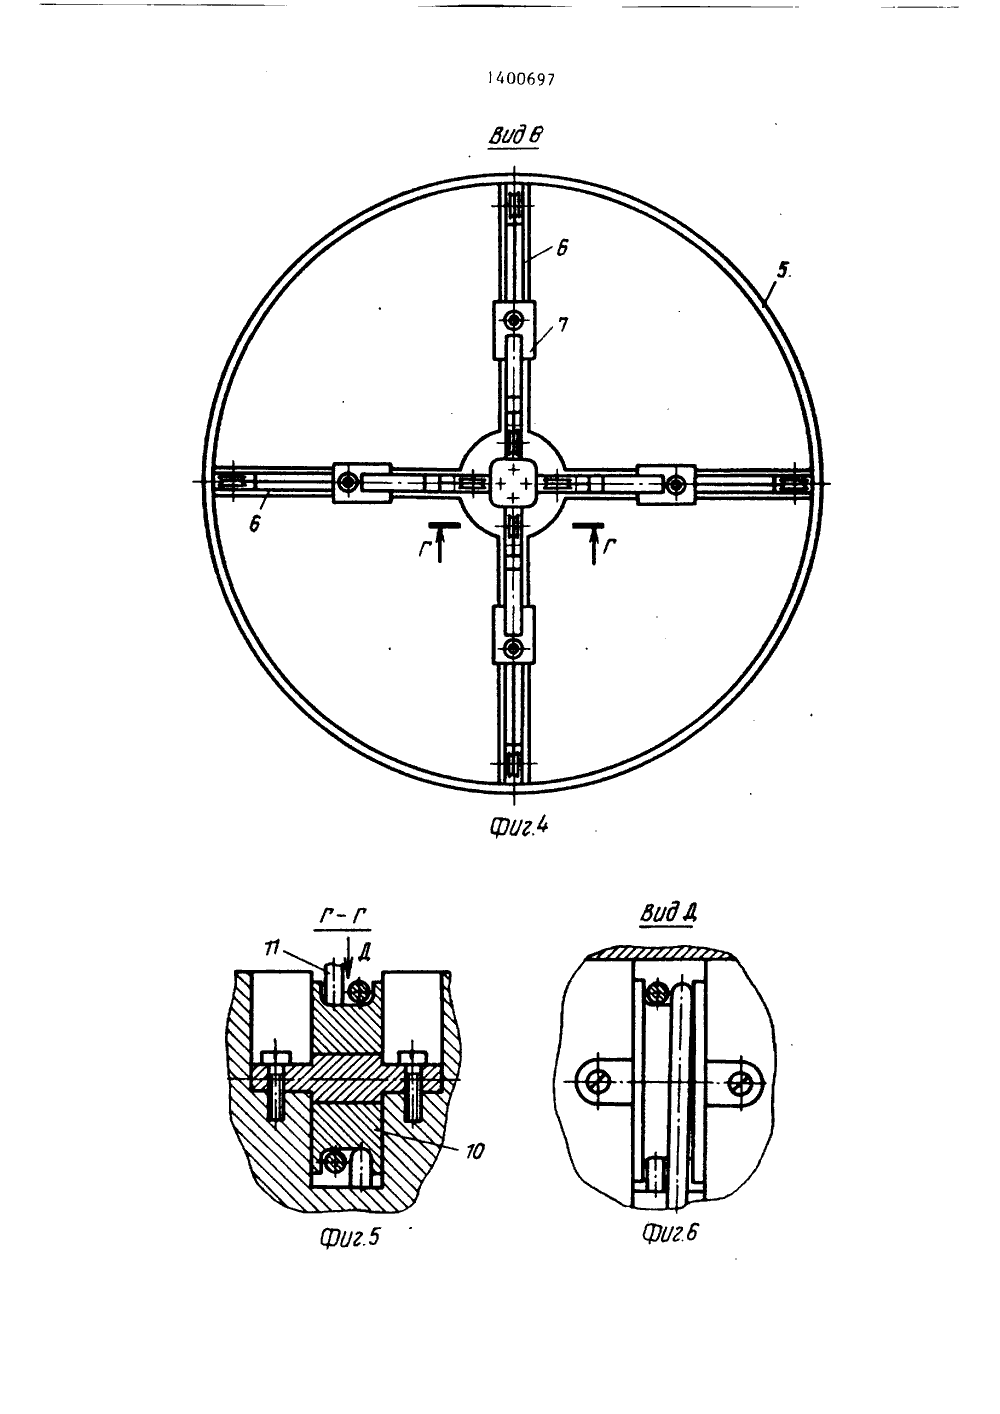 Самодельная катушка для размотки кабеля - Полезные самоделки 44